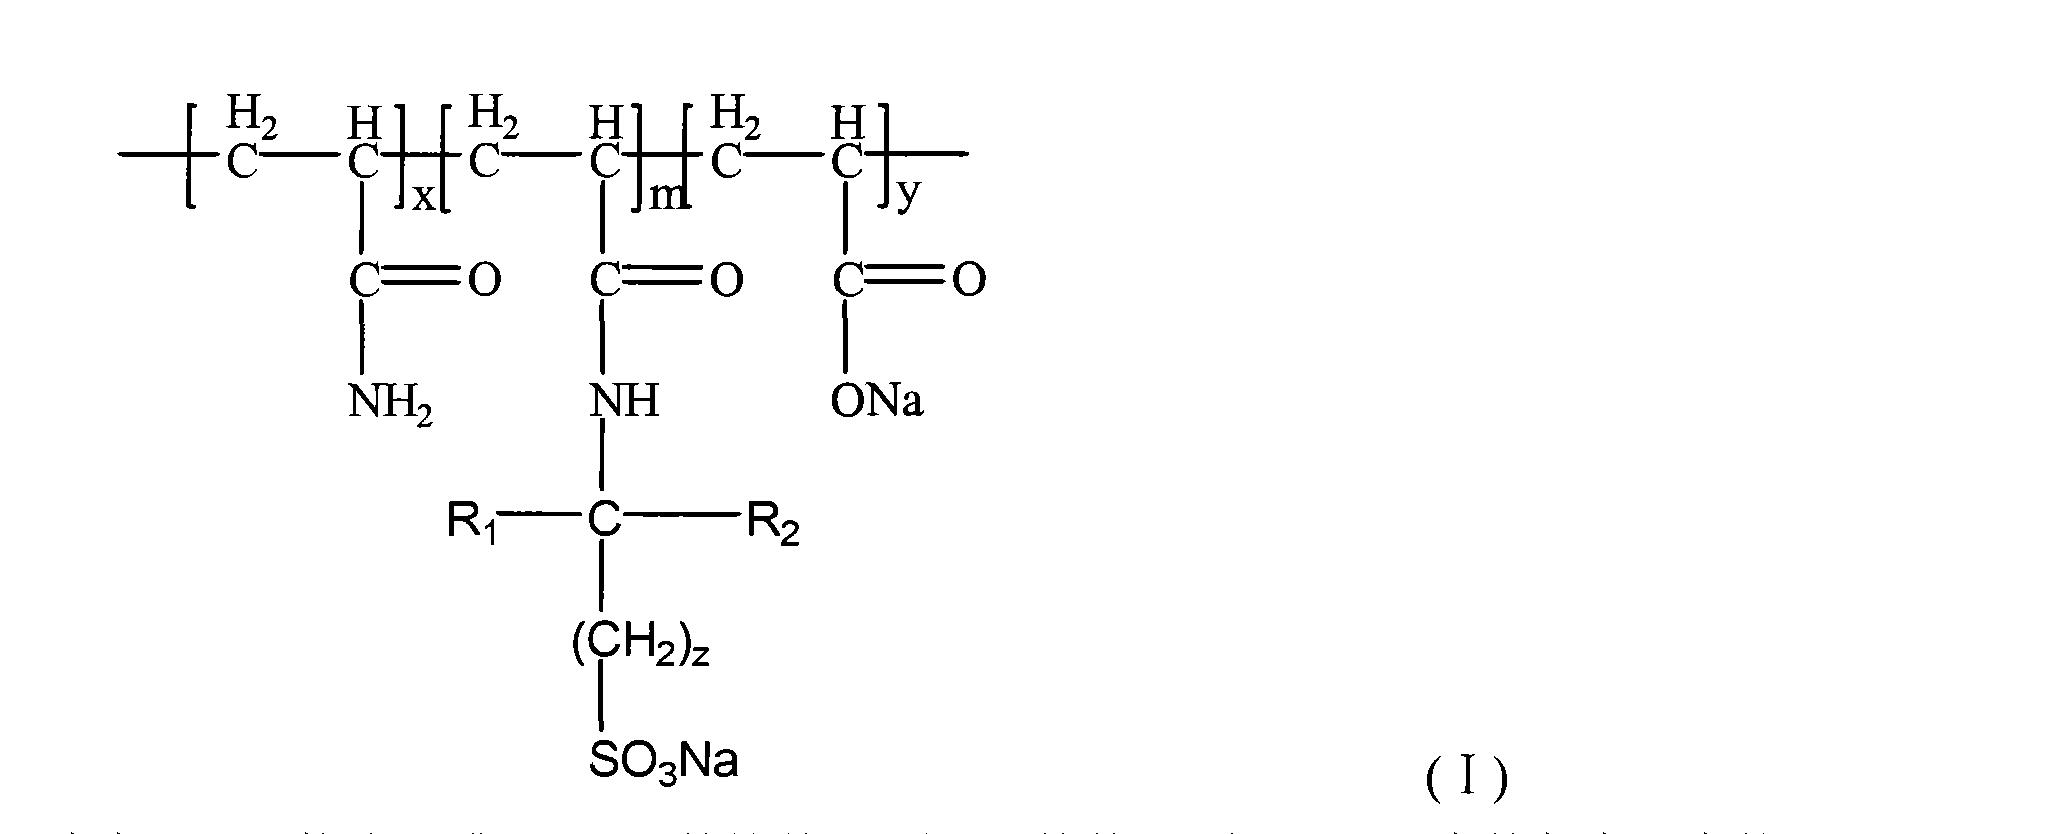 全自动钠离子交换器电路图